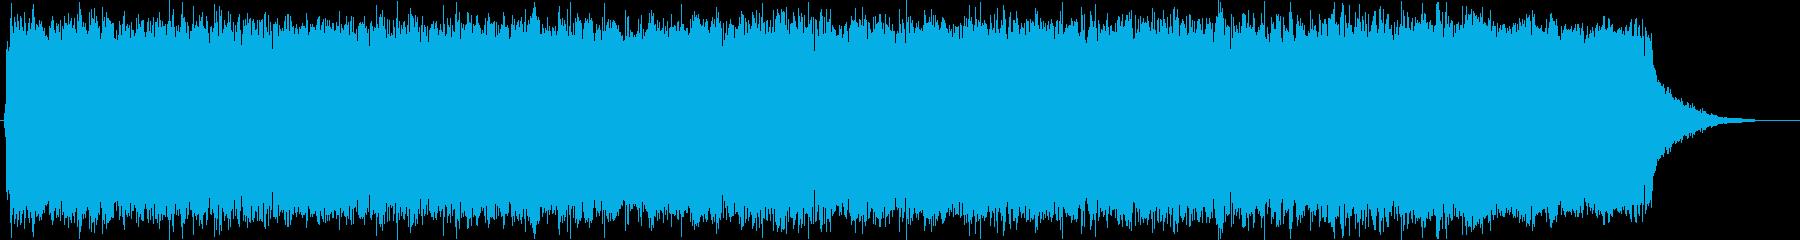 ロック イントロ ジングル2 の再生済みの波形